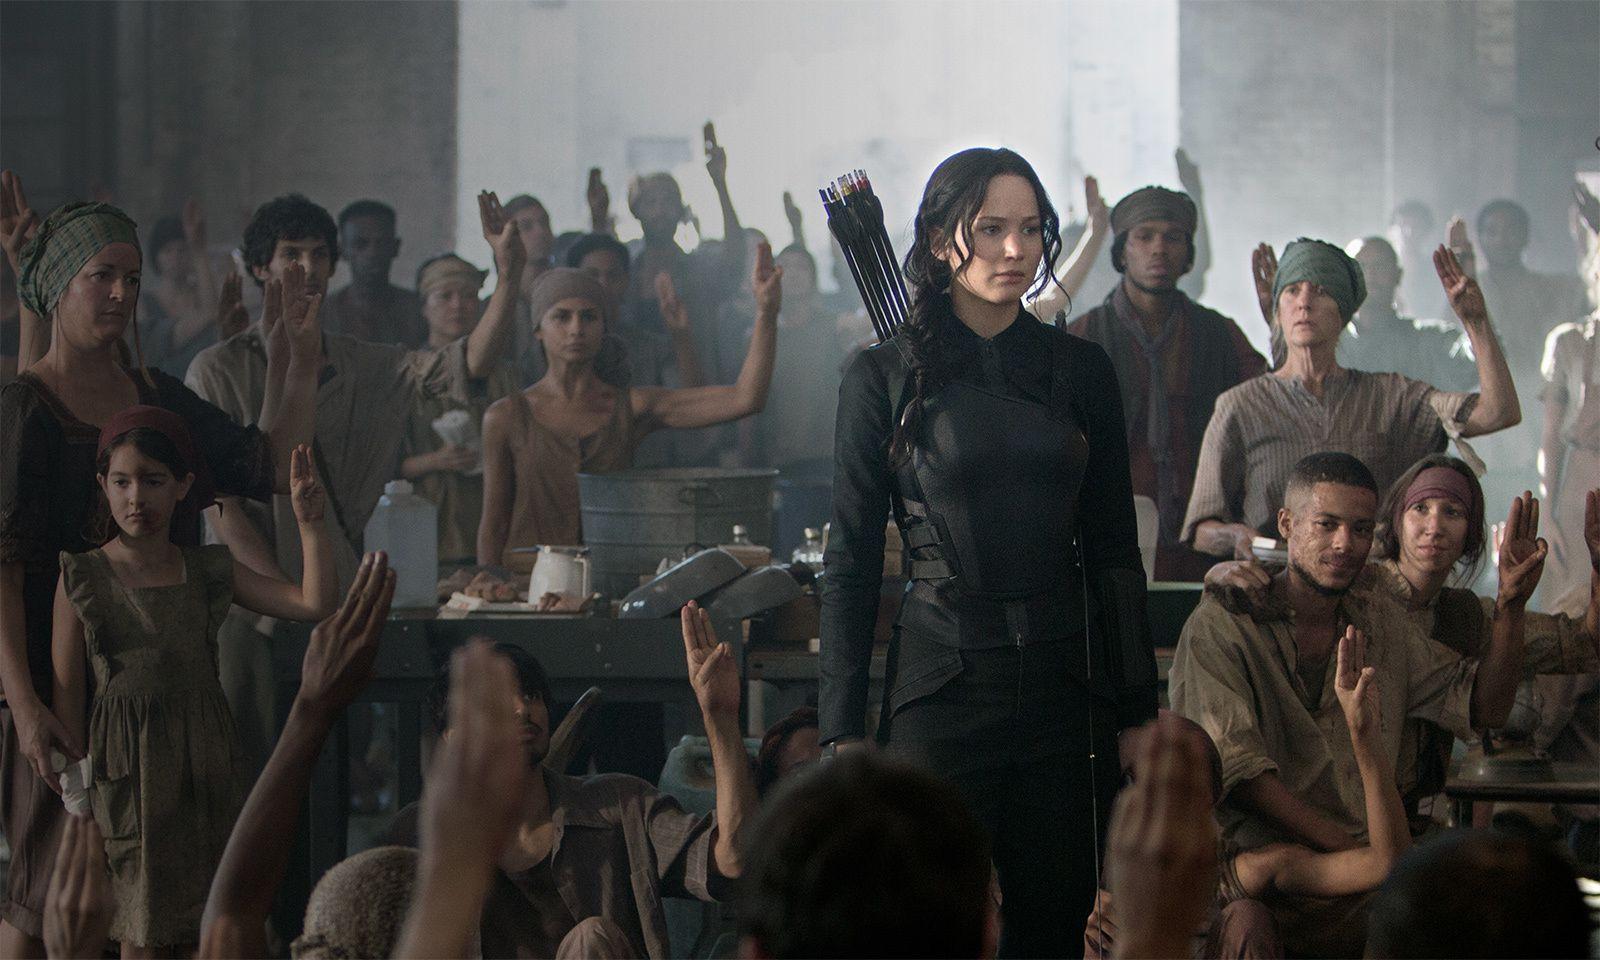 [critique] Hunger Games : La Révolte, Partie 1